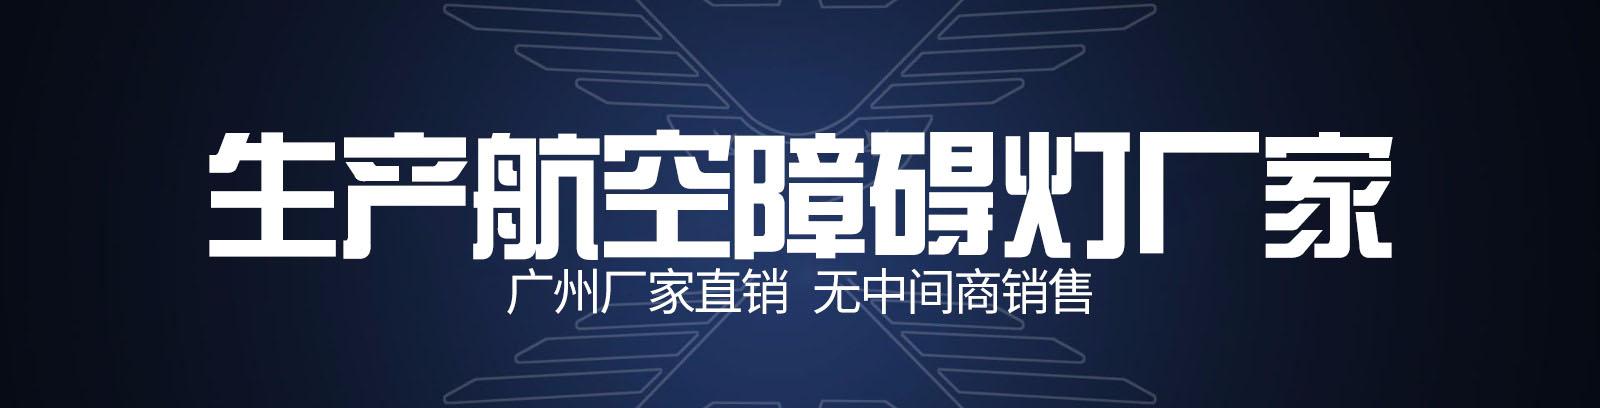 航空障碍灯,航空障碍灯制造厂家,航空障碍灯供应商,广州光强障碍灯有限公司